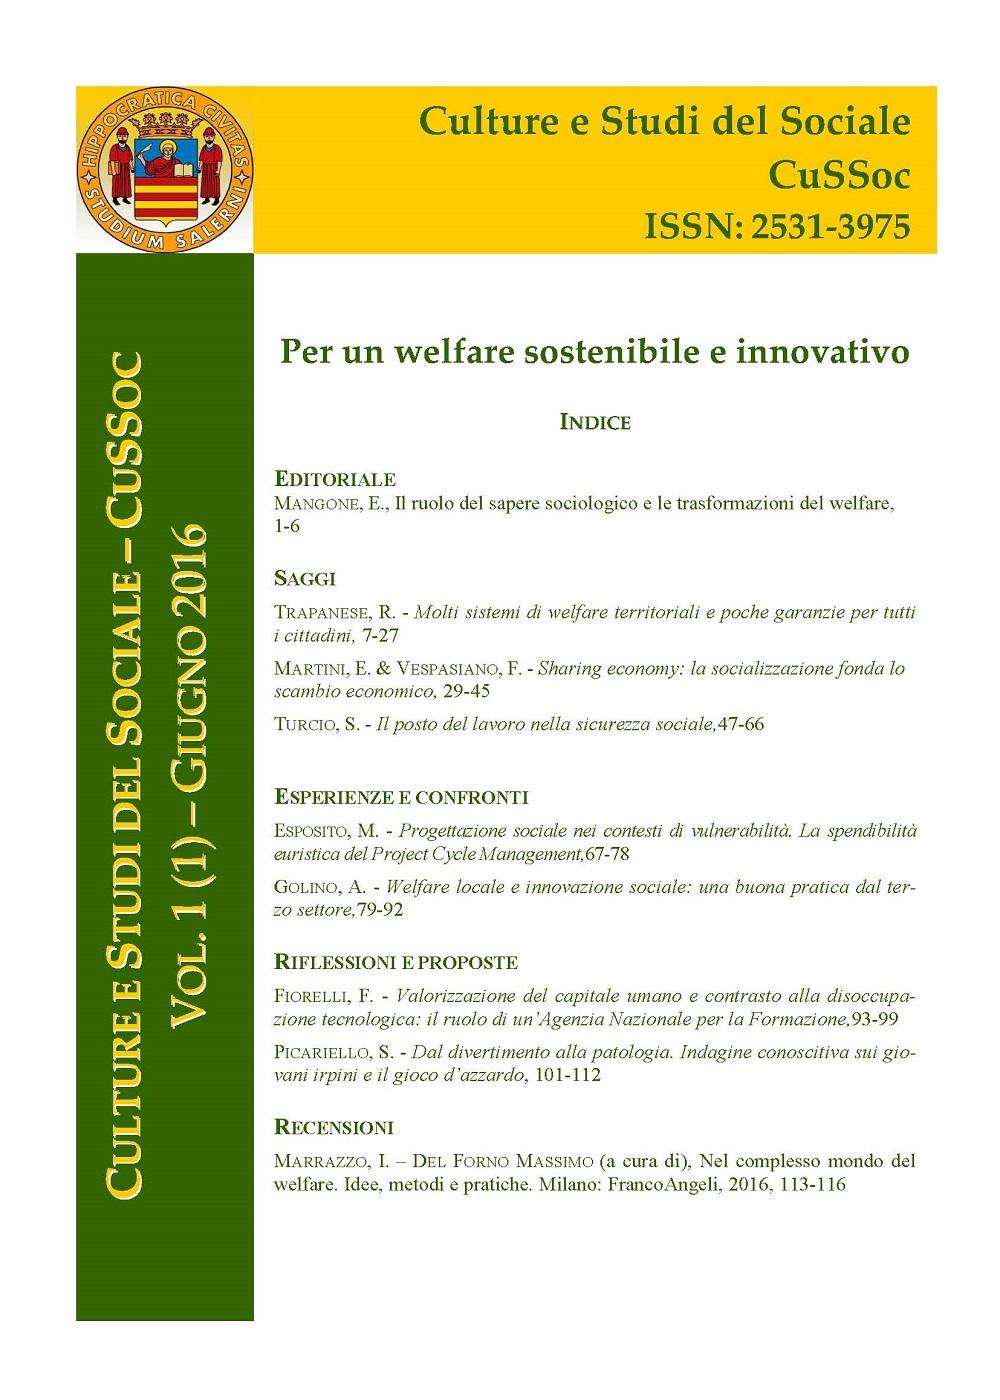 View Vol. 1 No. 1 (2016): Per un welfare sostenibile e innovativo